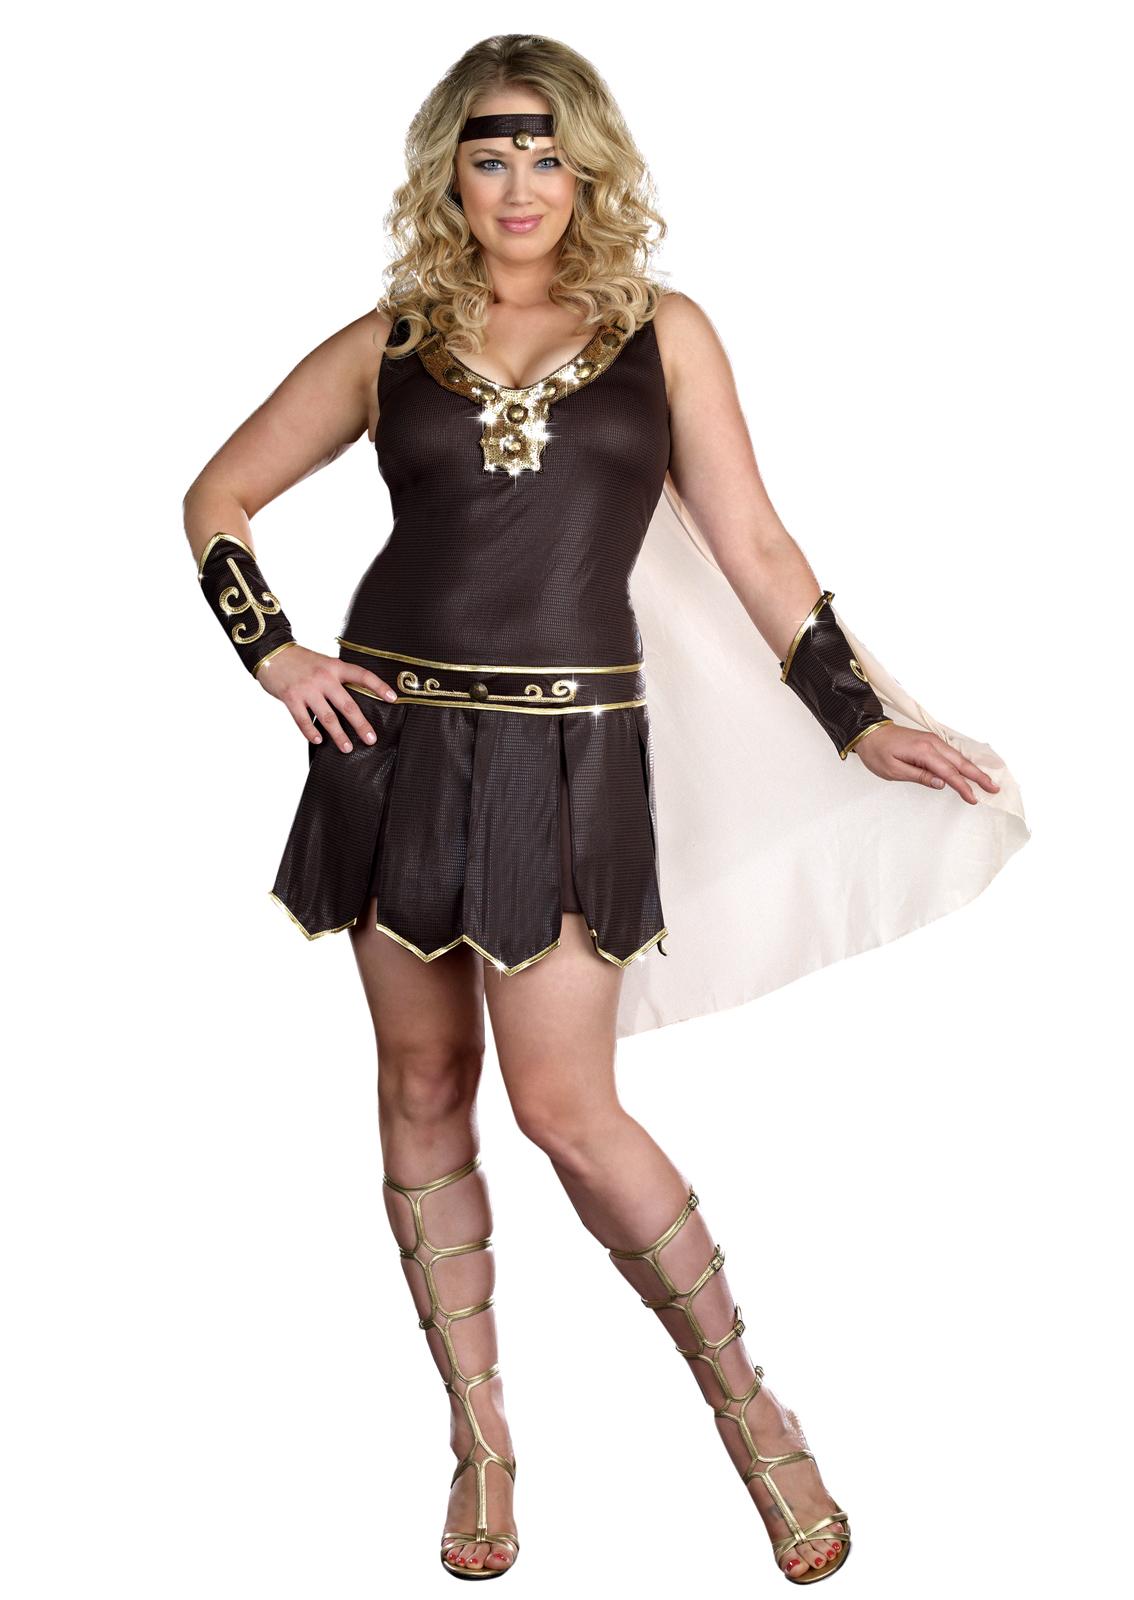 Gladiator plus